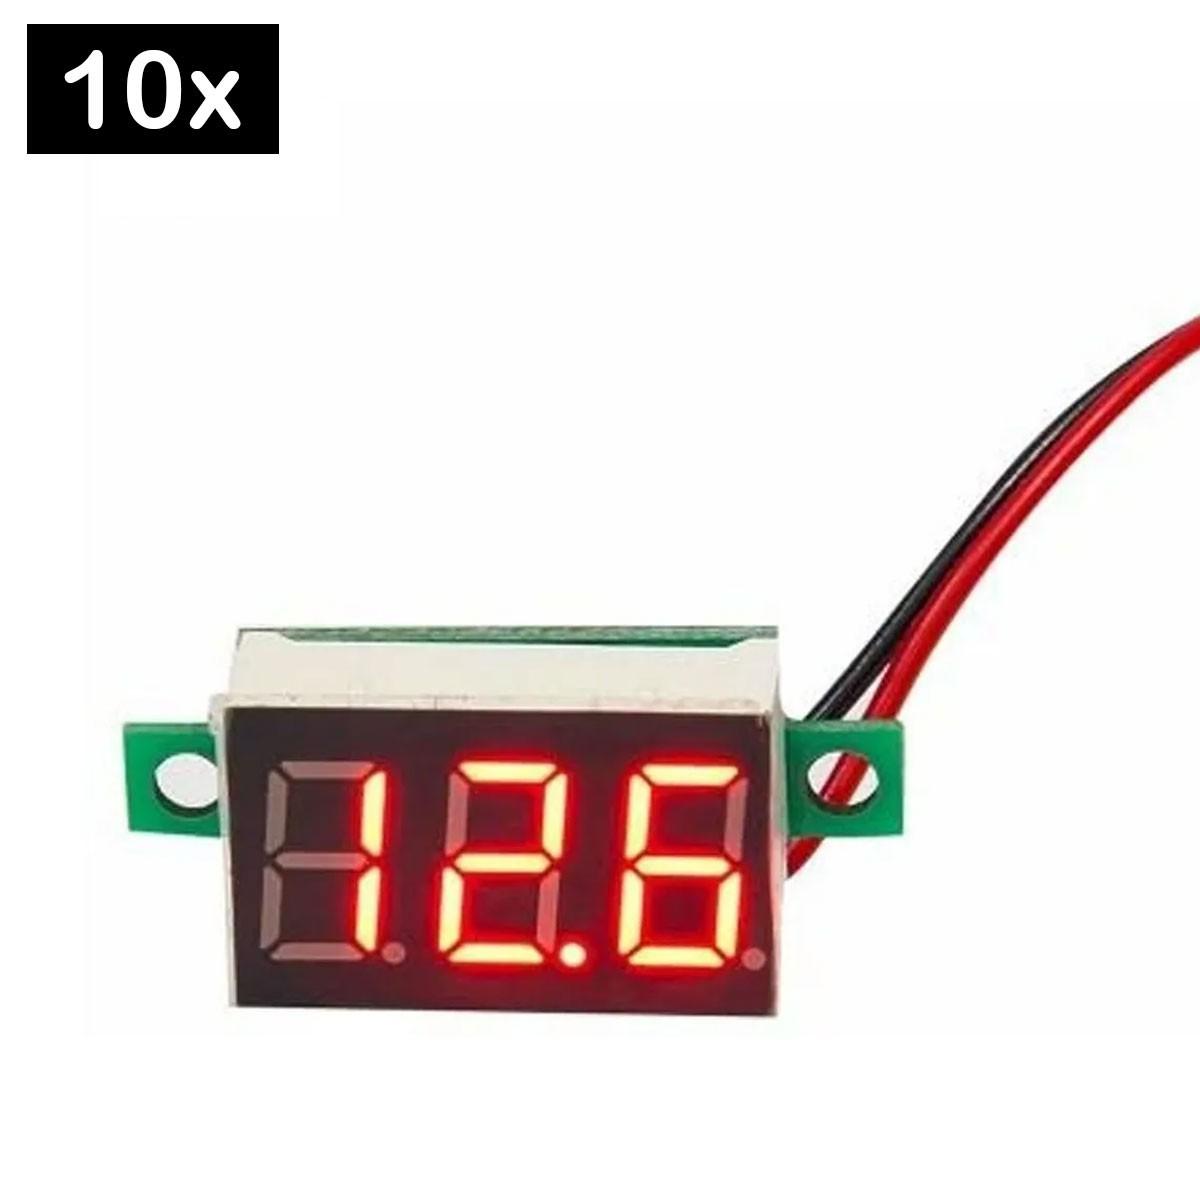 10x Mini Voltímetro Digital 0v a 100v | Display Vermelho